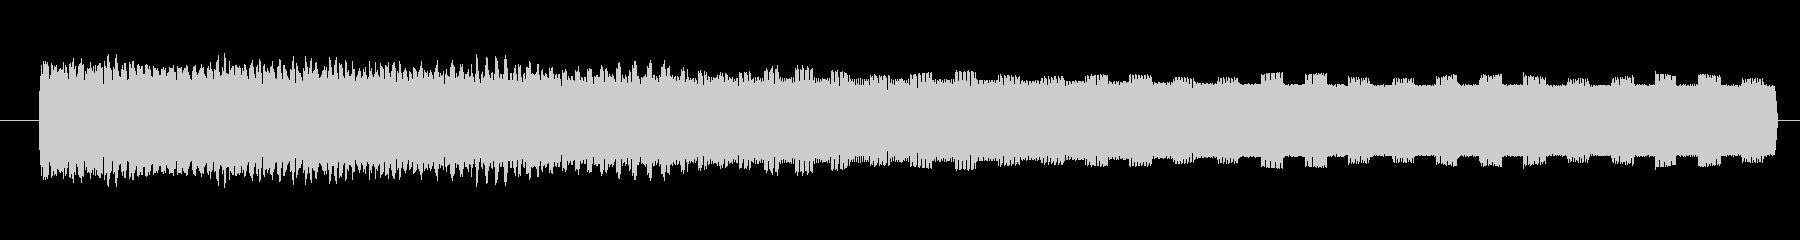 FX ポイントアップグレード01の未再生の波形